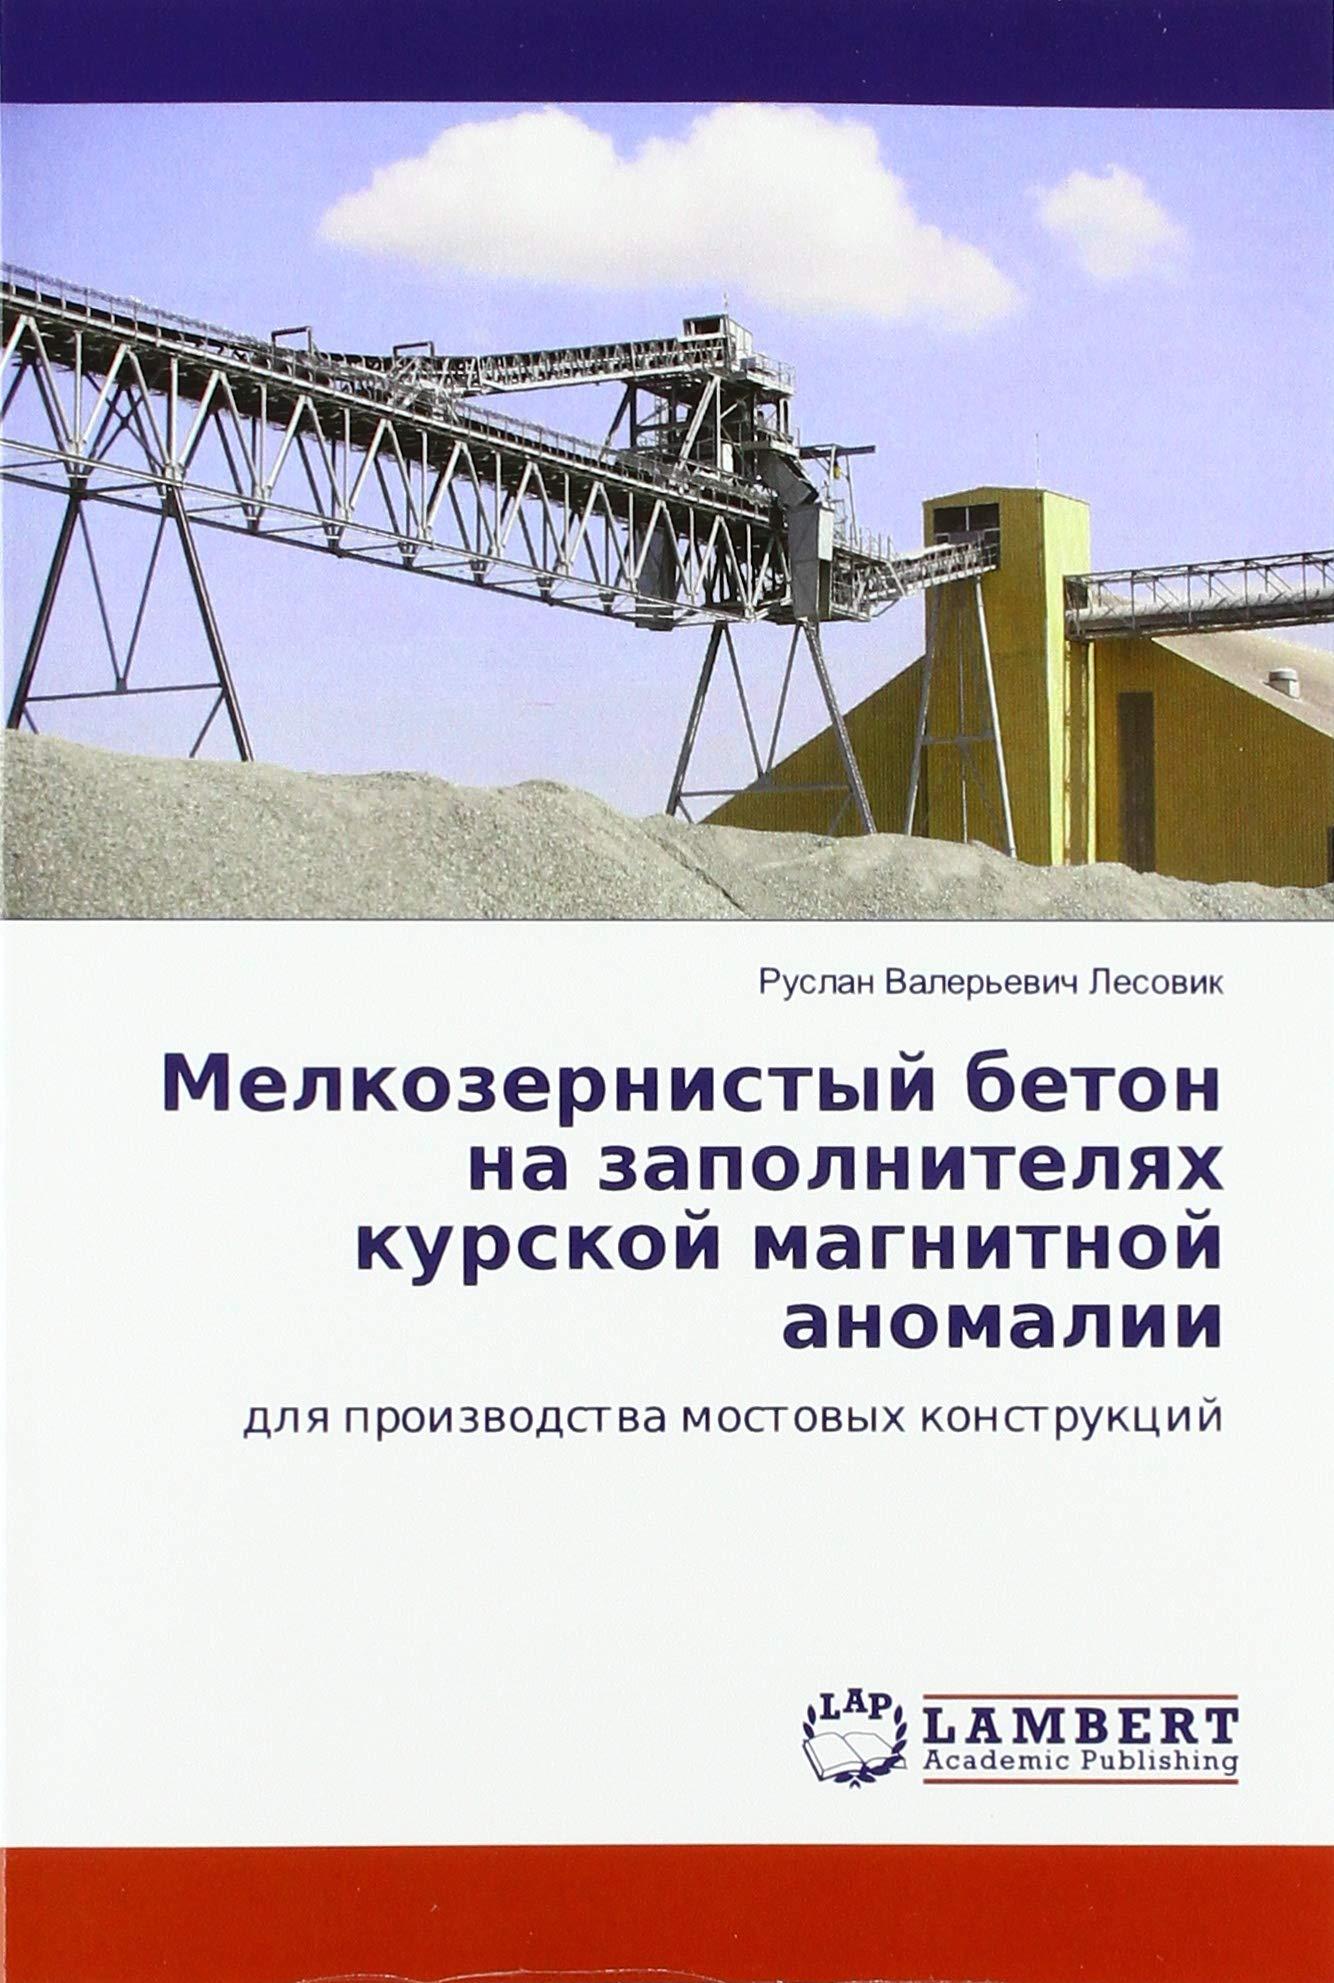 производство мелкозернистого бетона